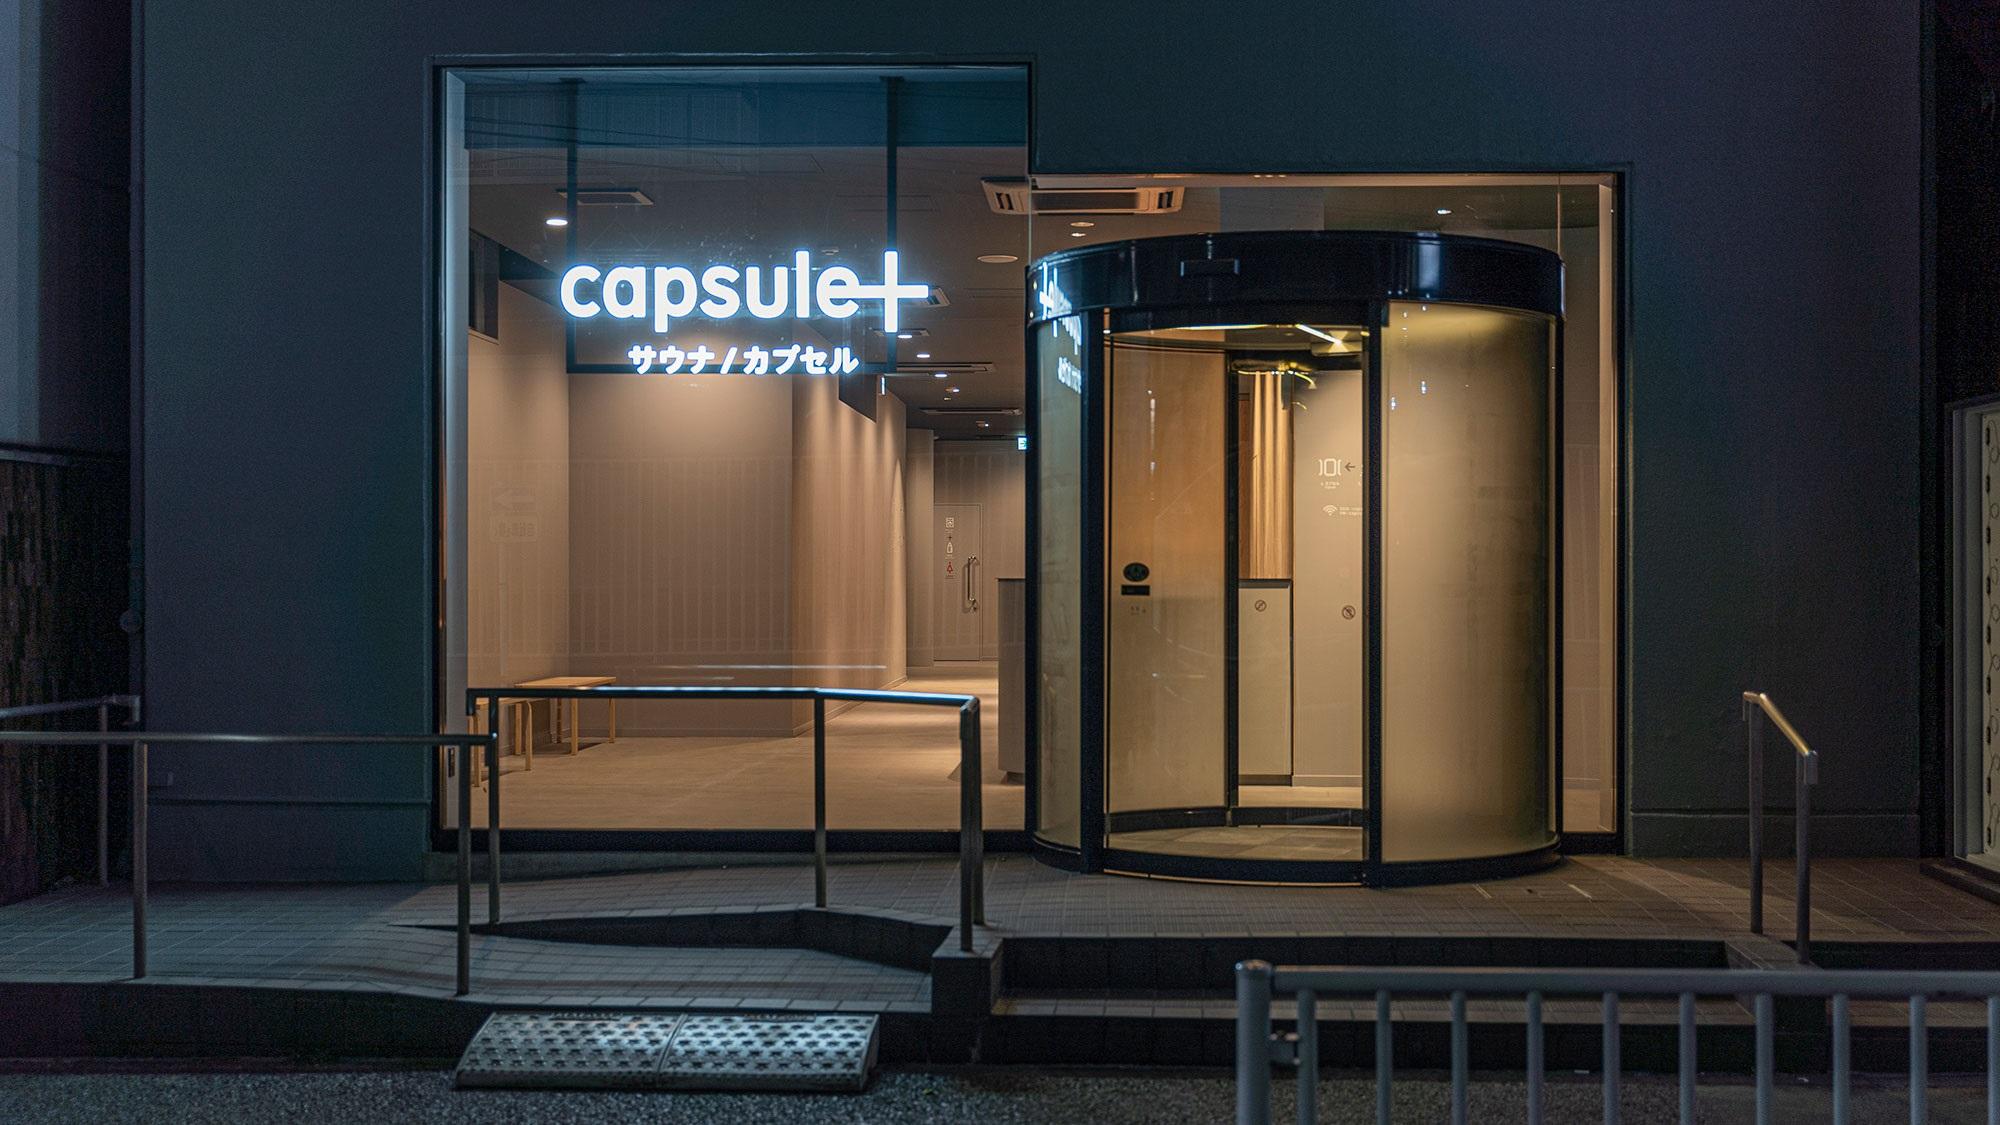 カプセルプラス横浜 サウナ/カプセル